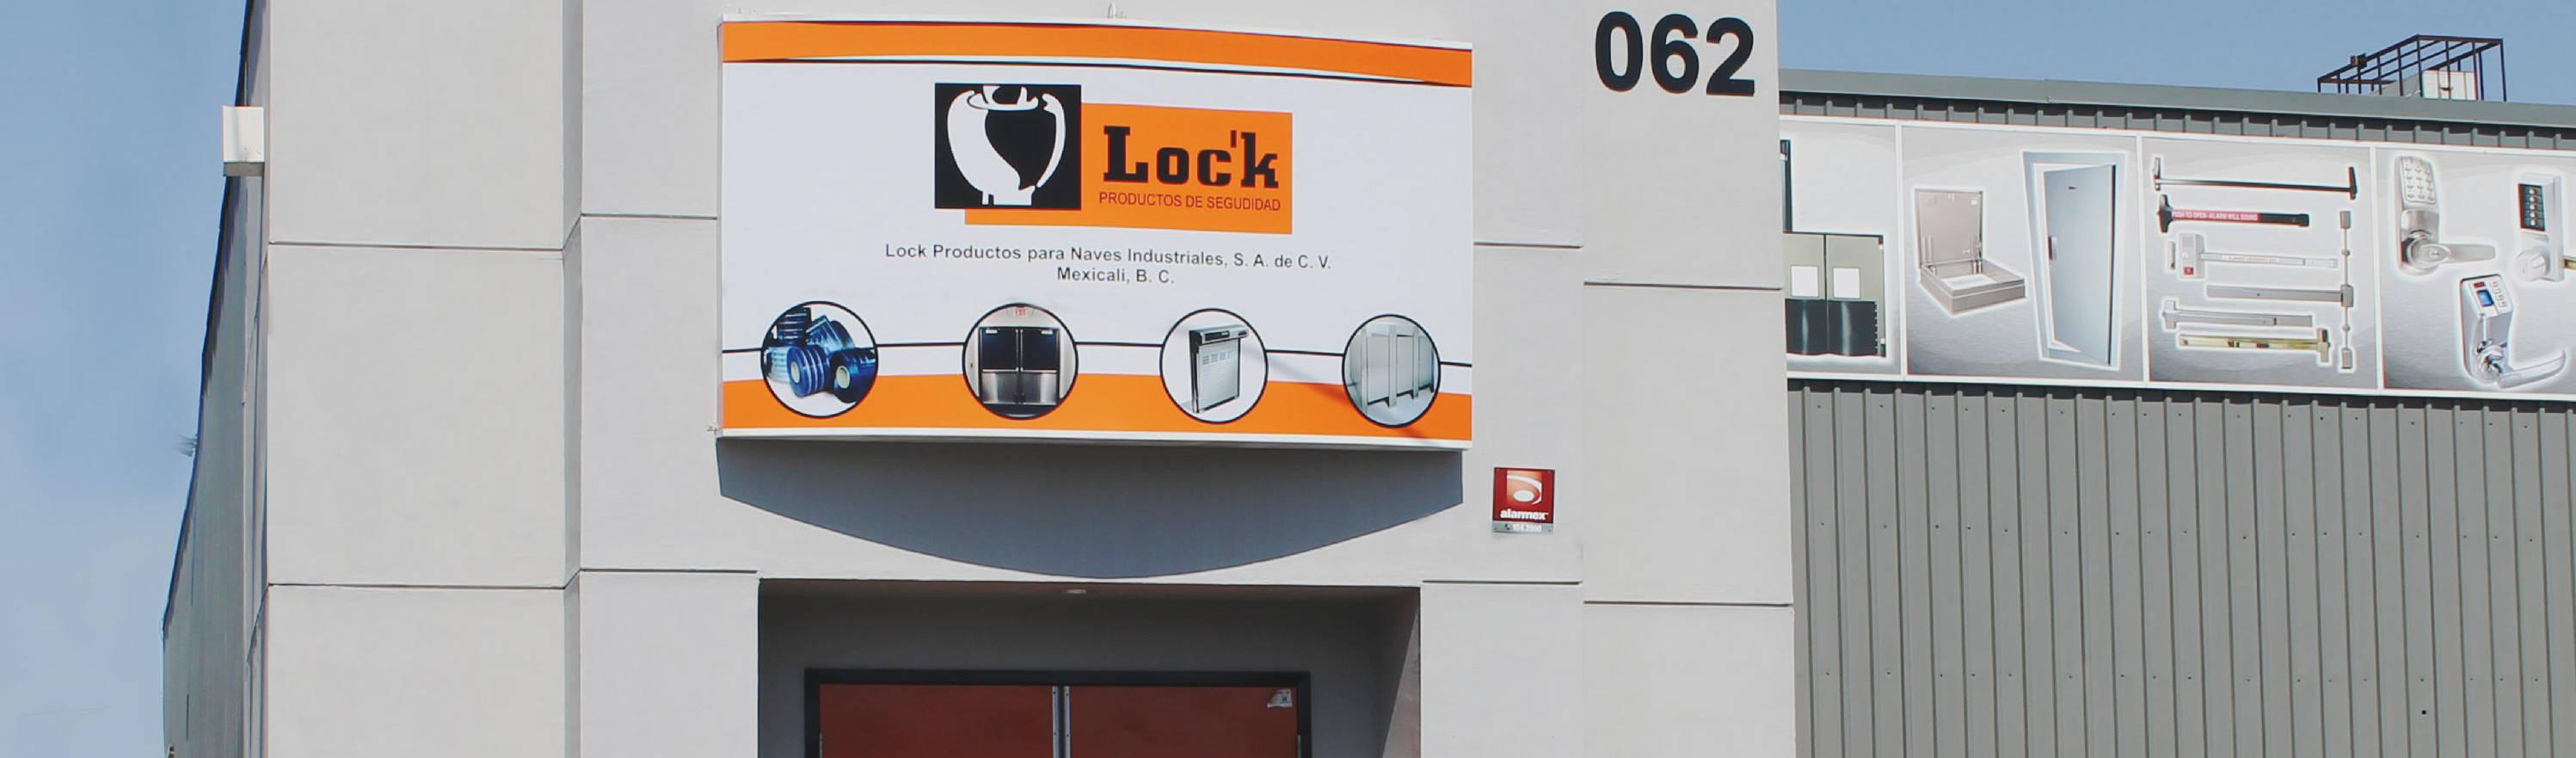 Lock Productos de Seguridad.